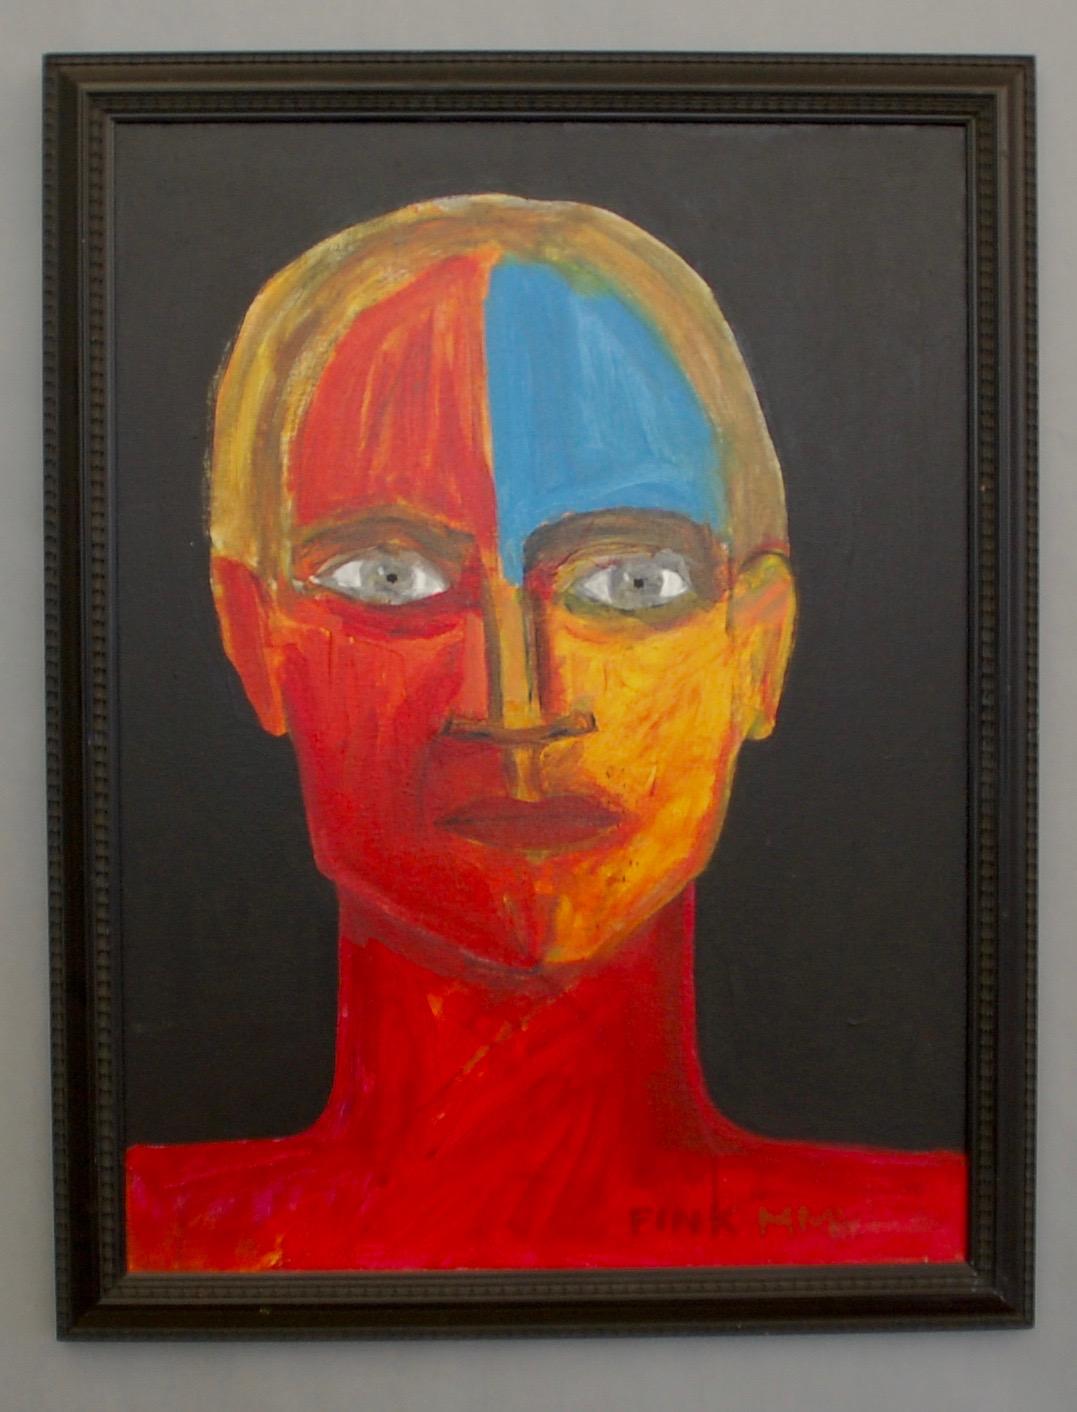 Head of a Fauve man, 2005